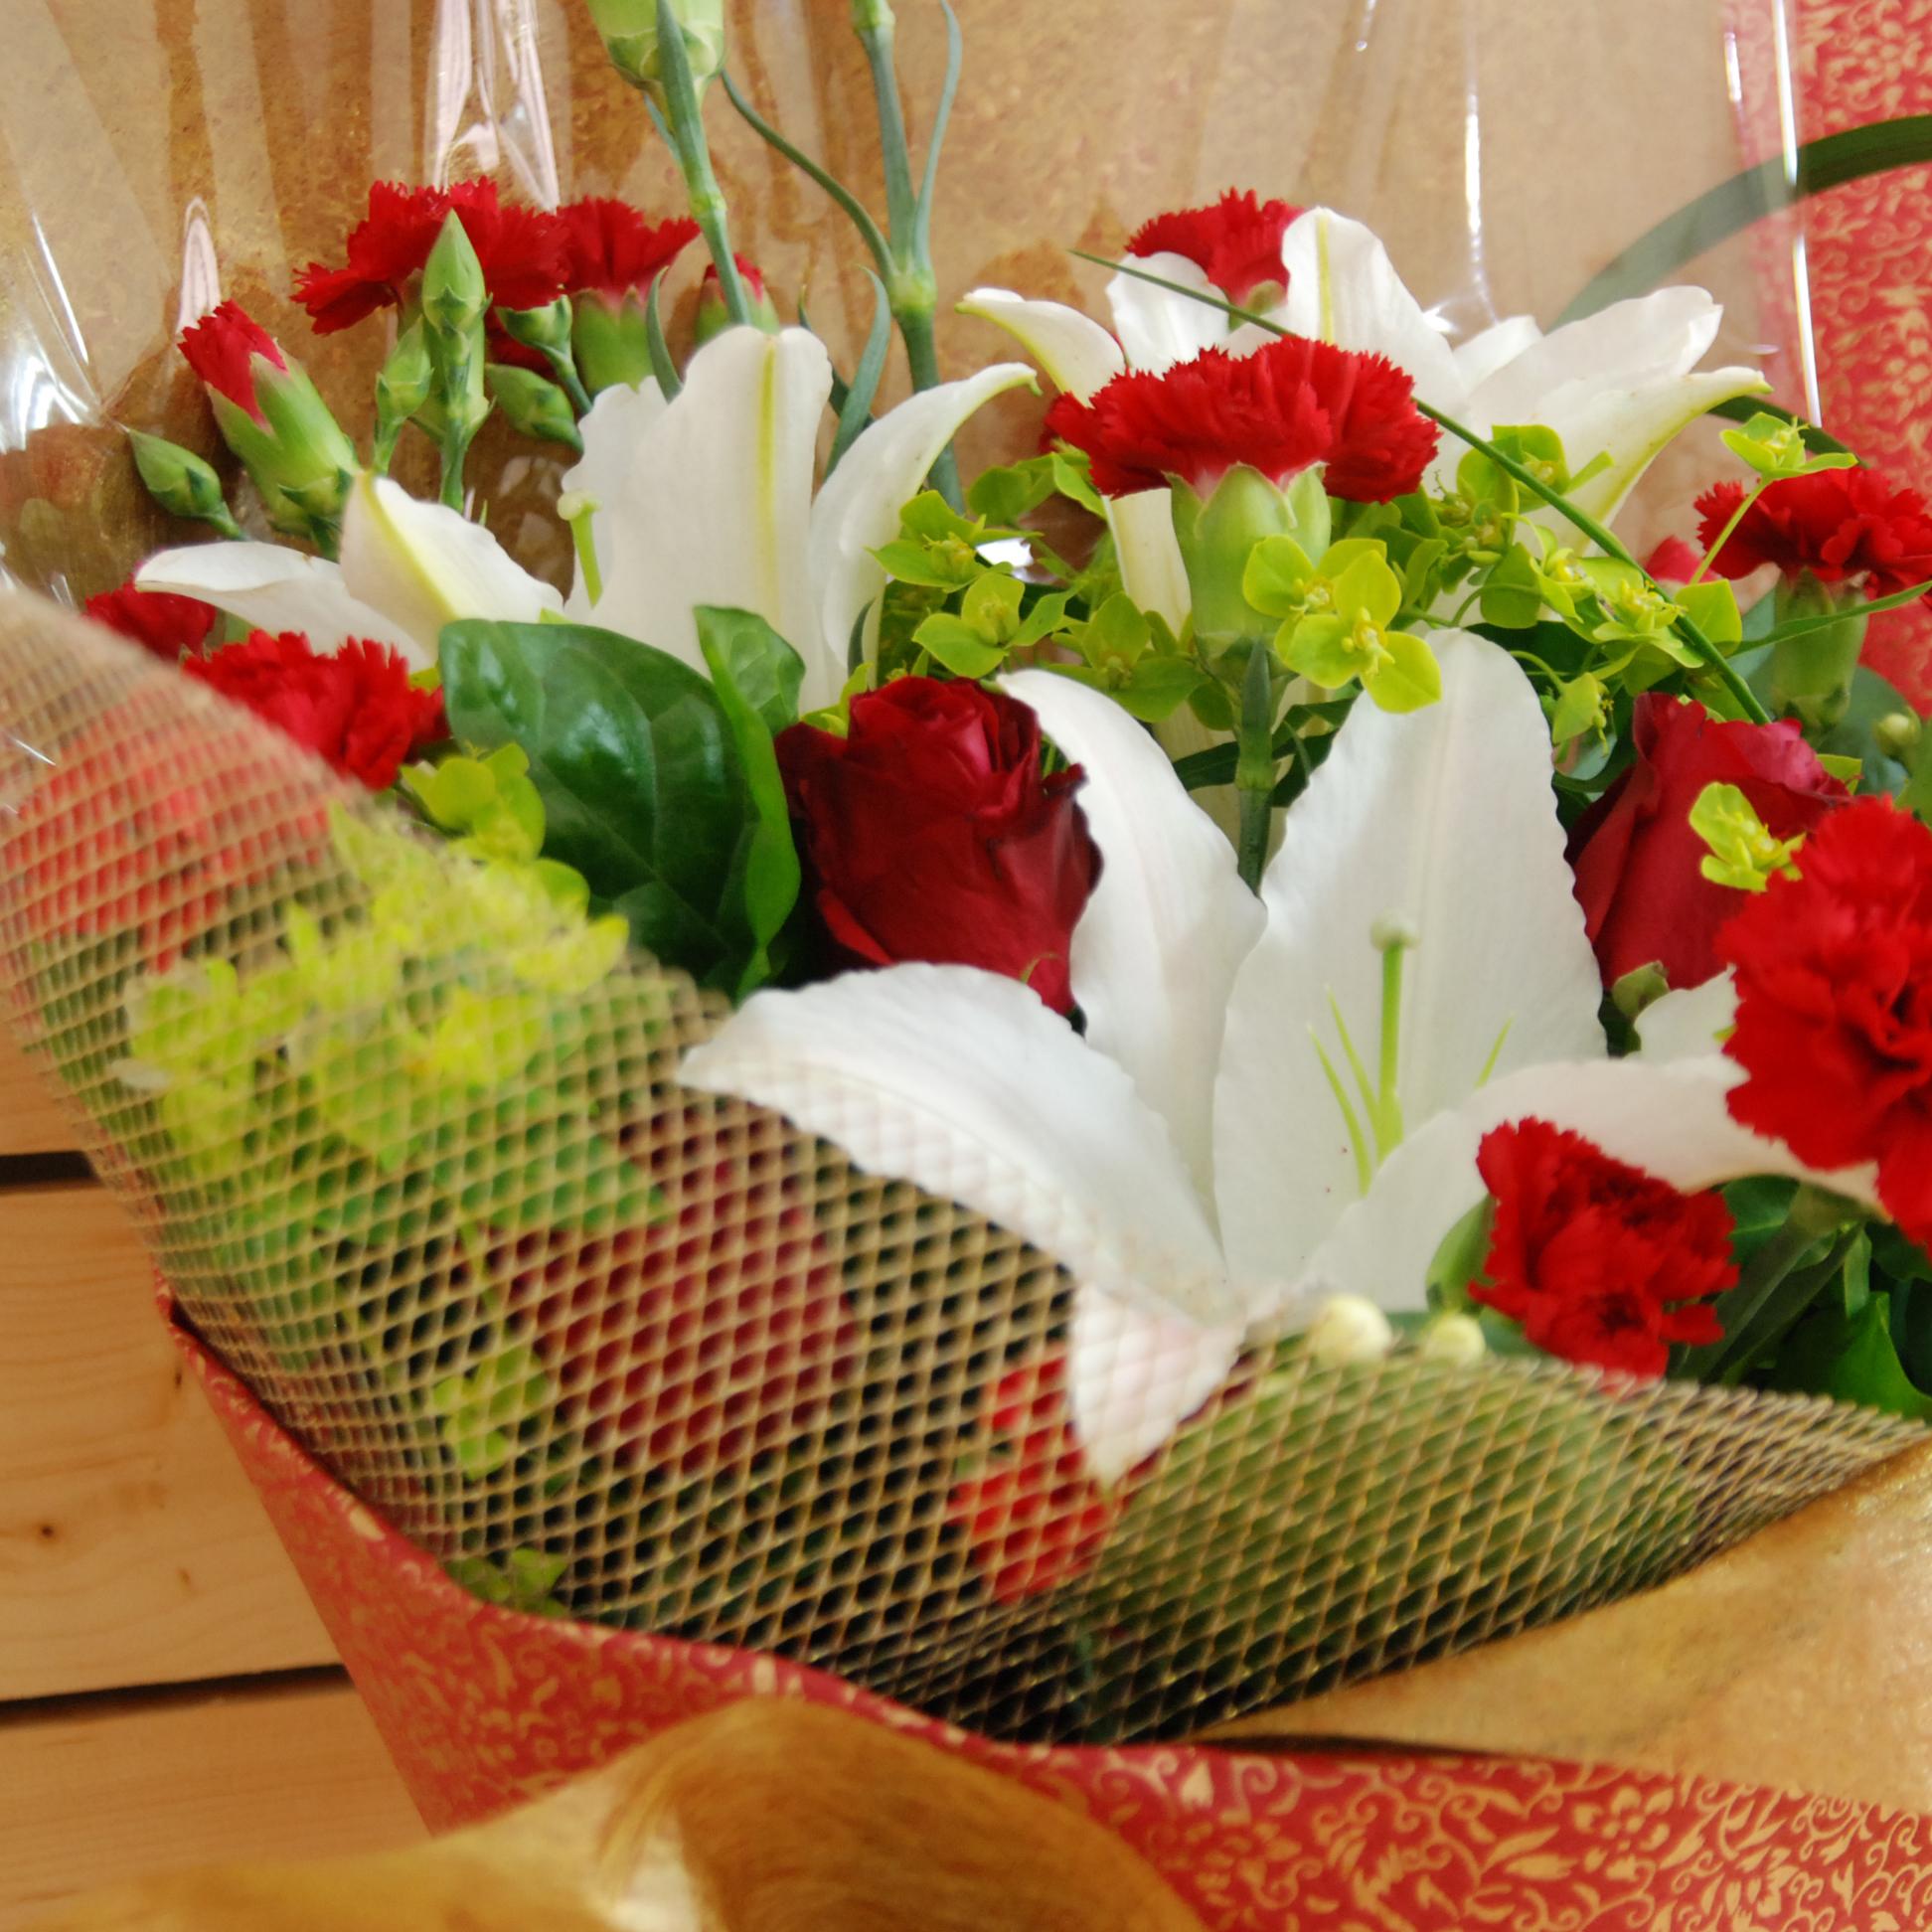 【巧繪網-DF070335】豪華康乃馨花束/百合花束/母親節花束禮物/再送馬克杯